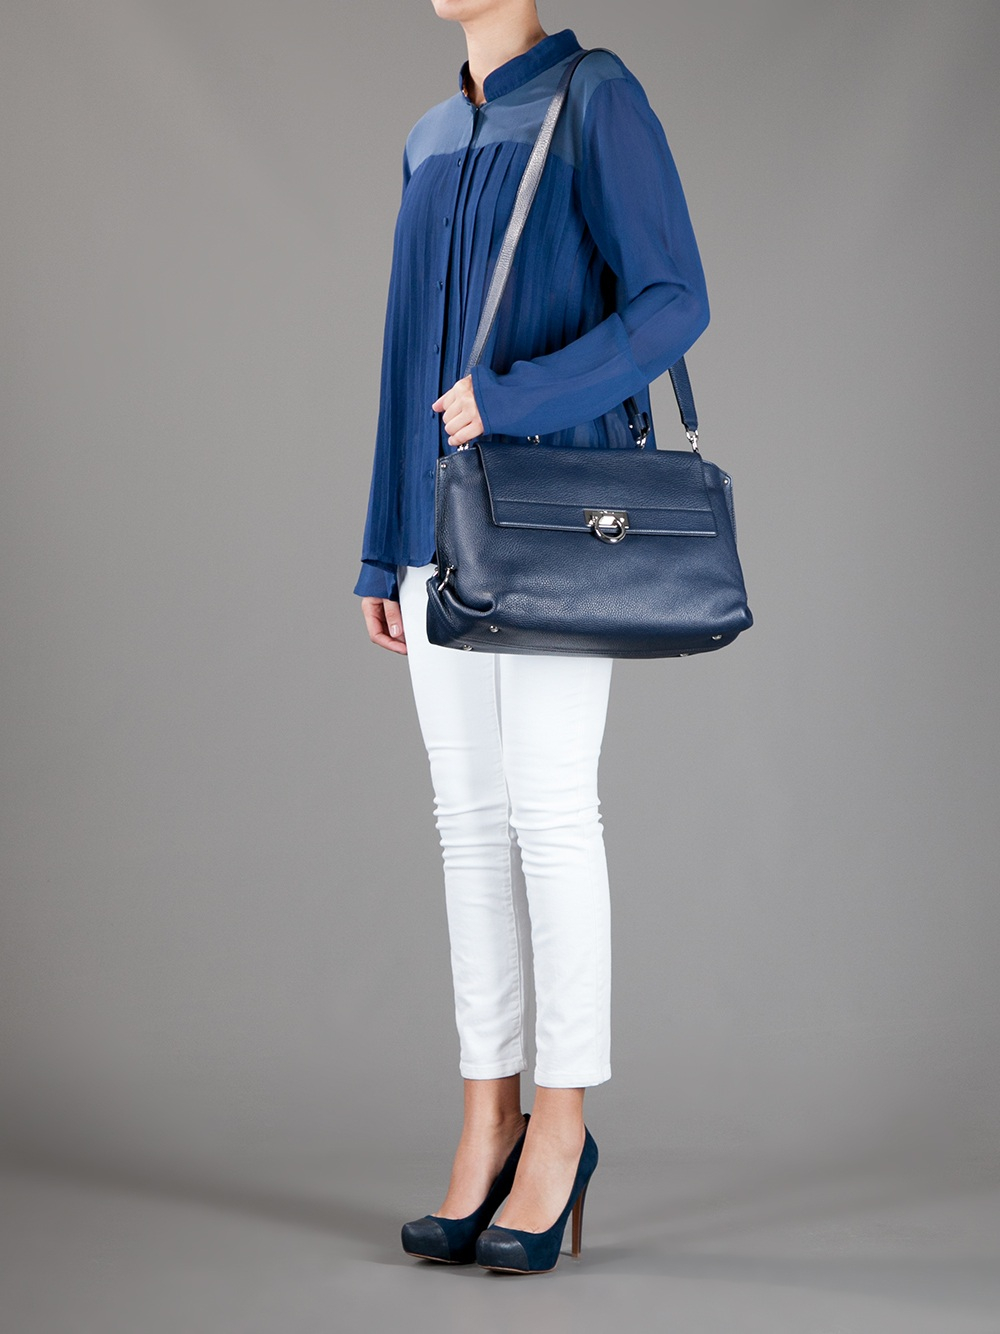 Lyst - Ferragamo Sofia Bag in Blue 9b087cc29ed8c